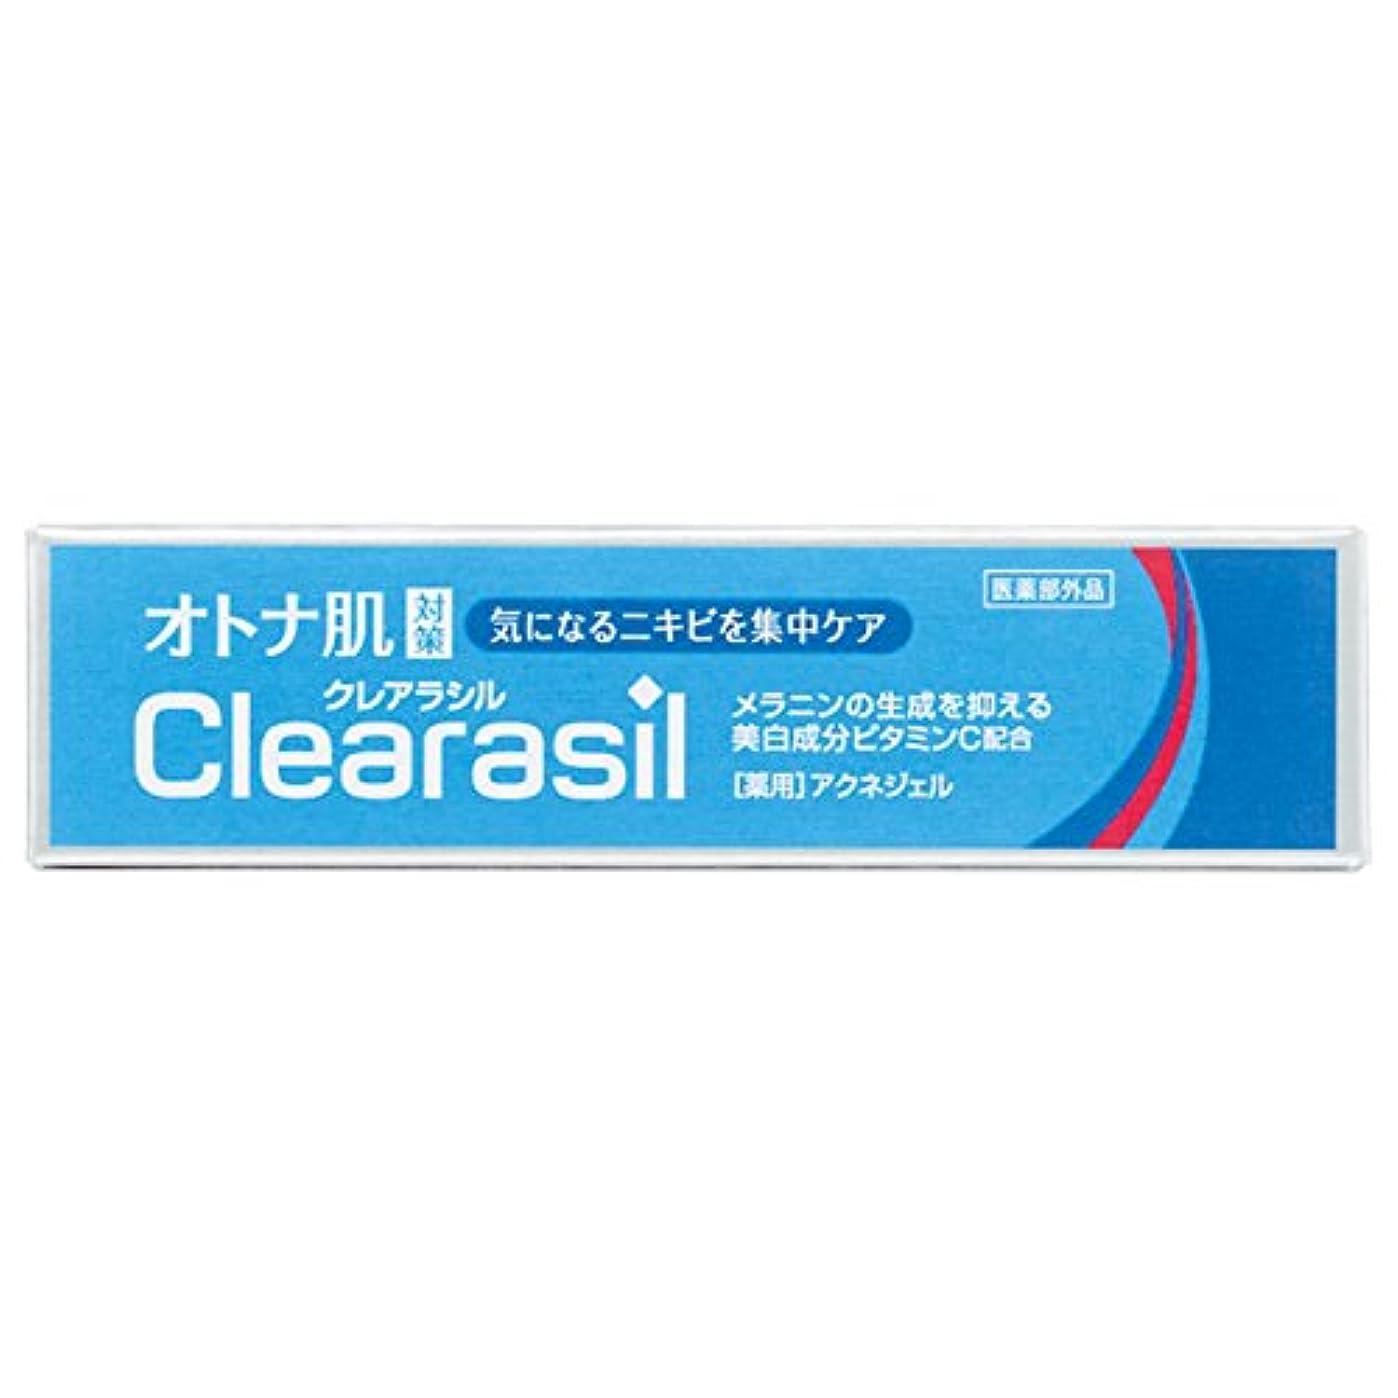 レプリカ細胞汚す【医薬部外品】クレアラシル オトナ肌対策 14G